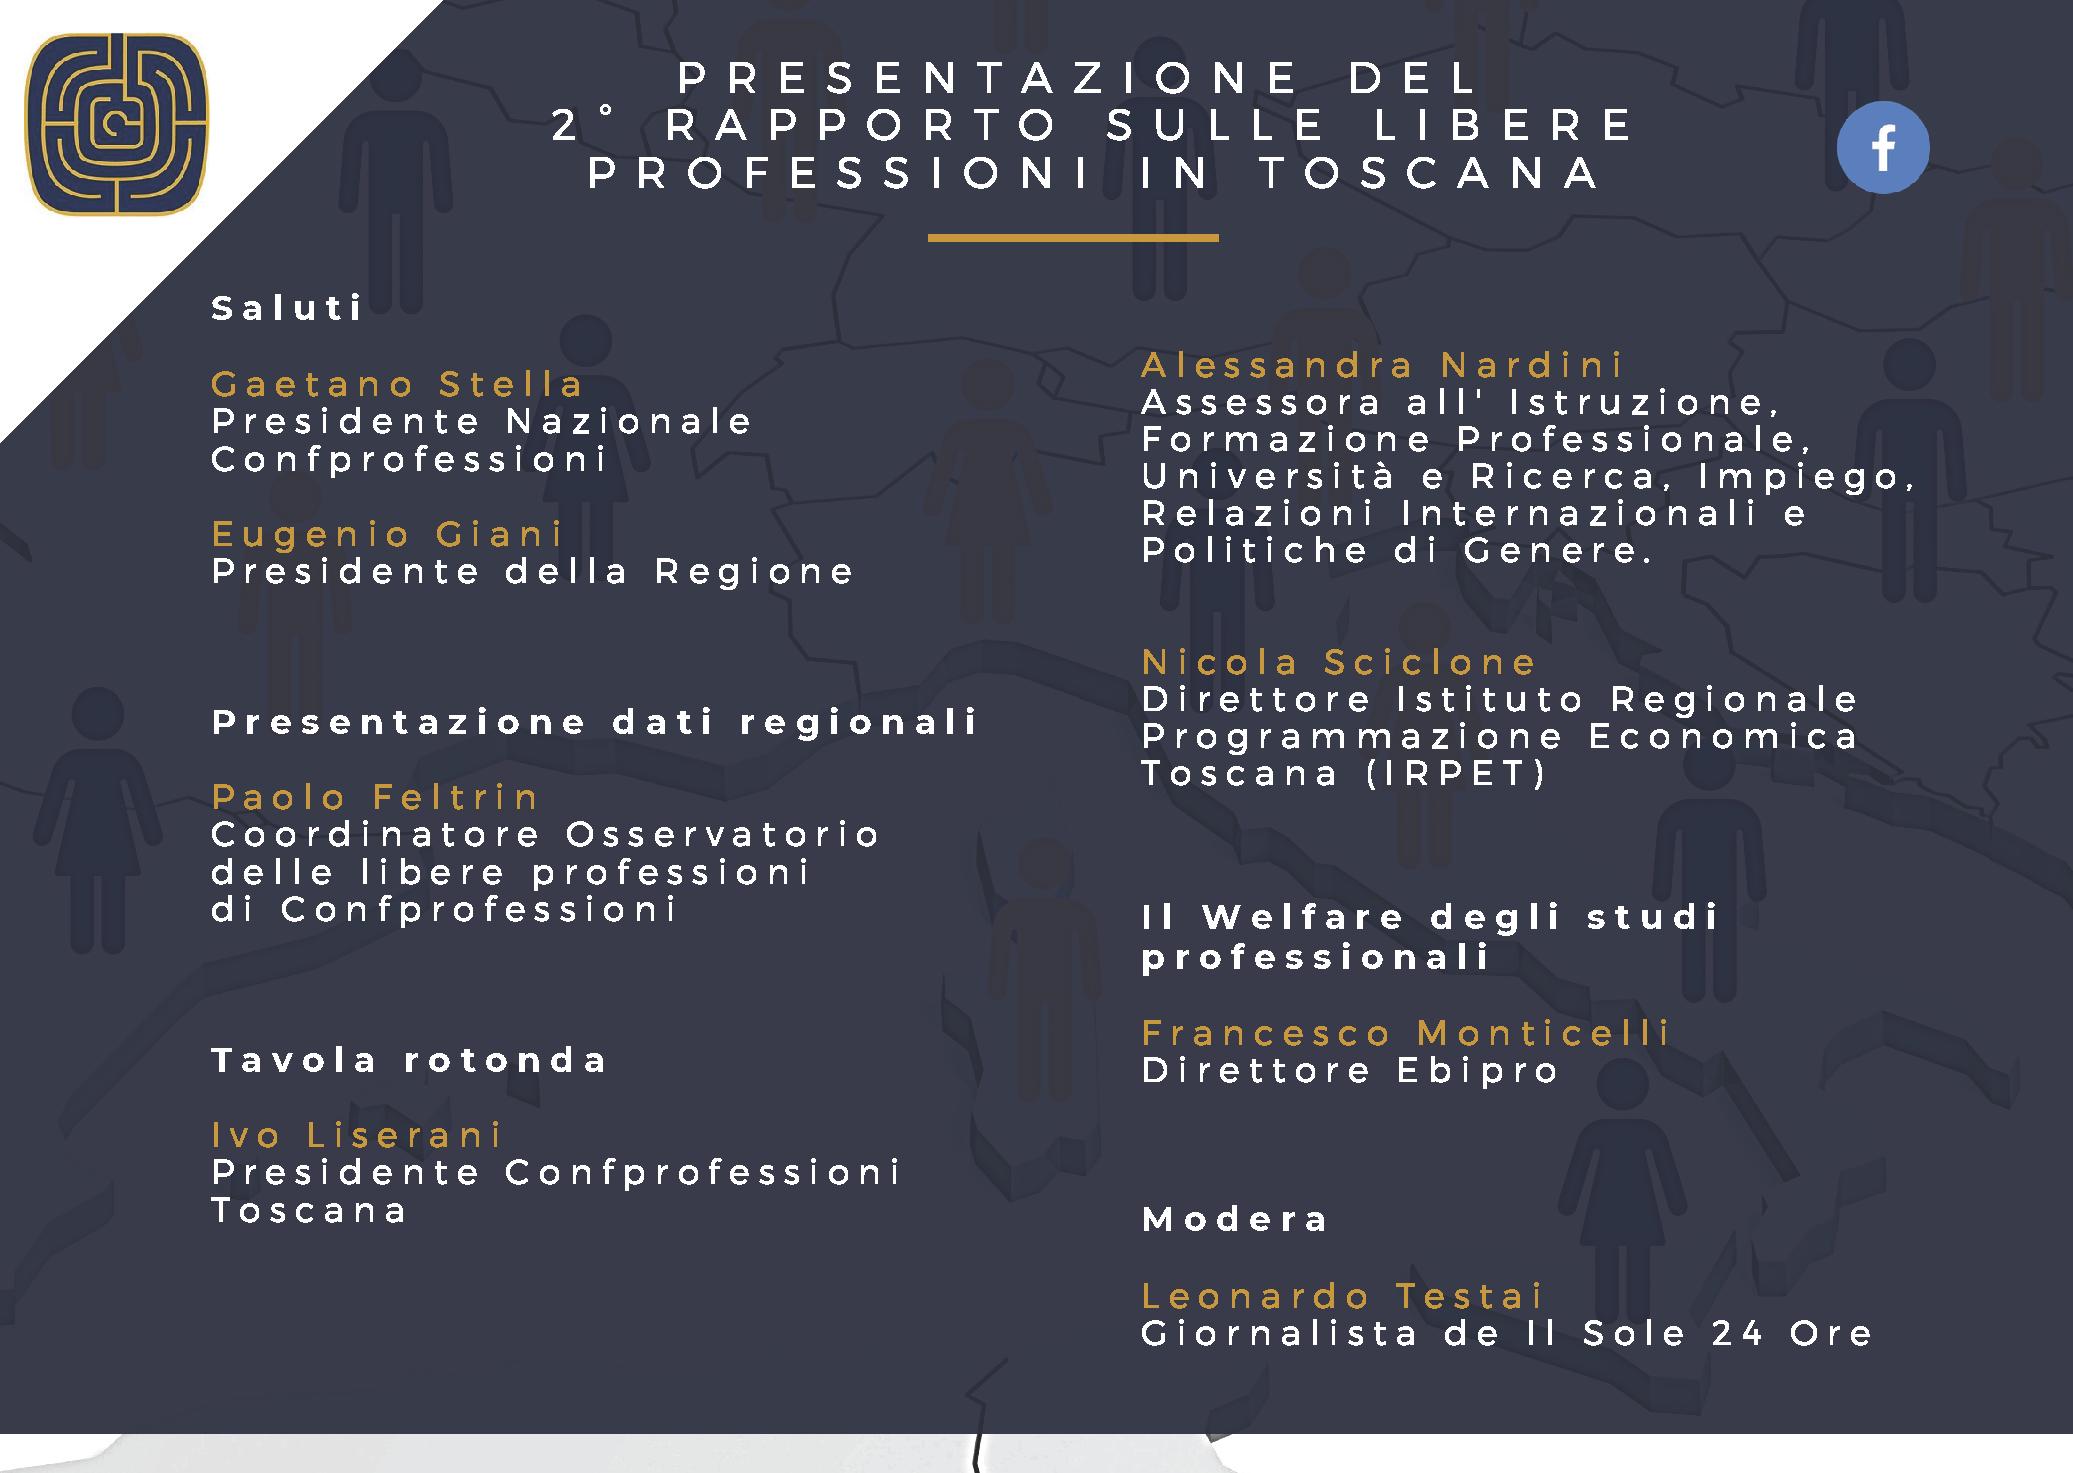 Presentazione 2° Rapporto Toscana 04.06.21_Pagina_2